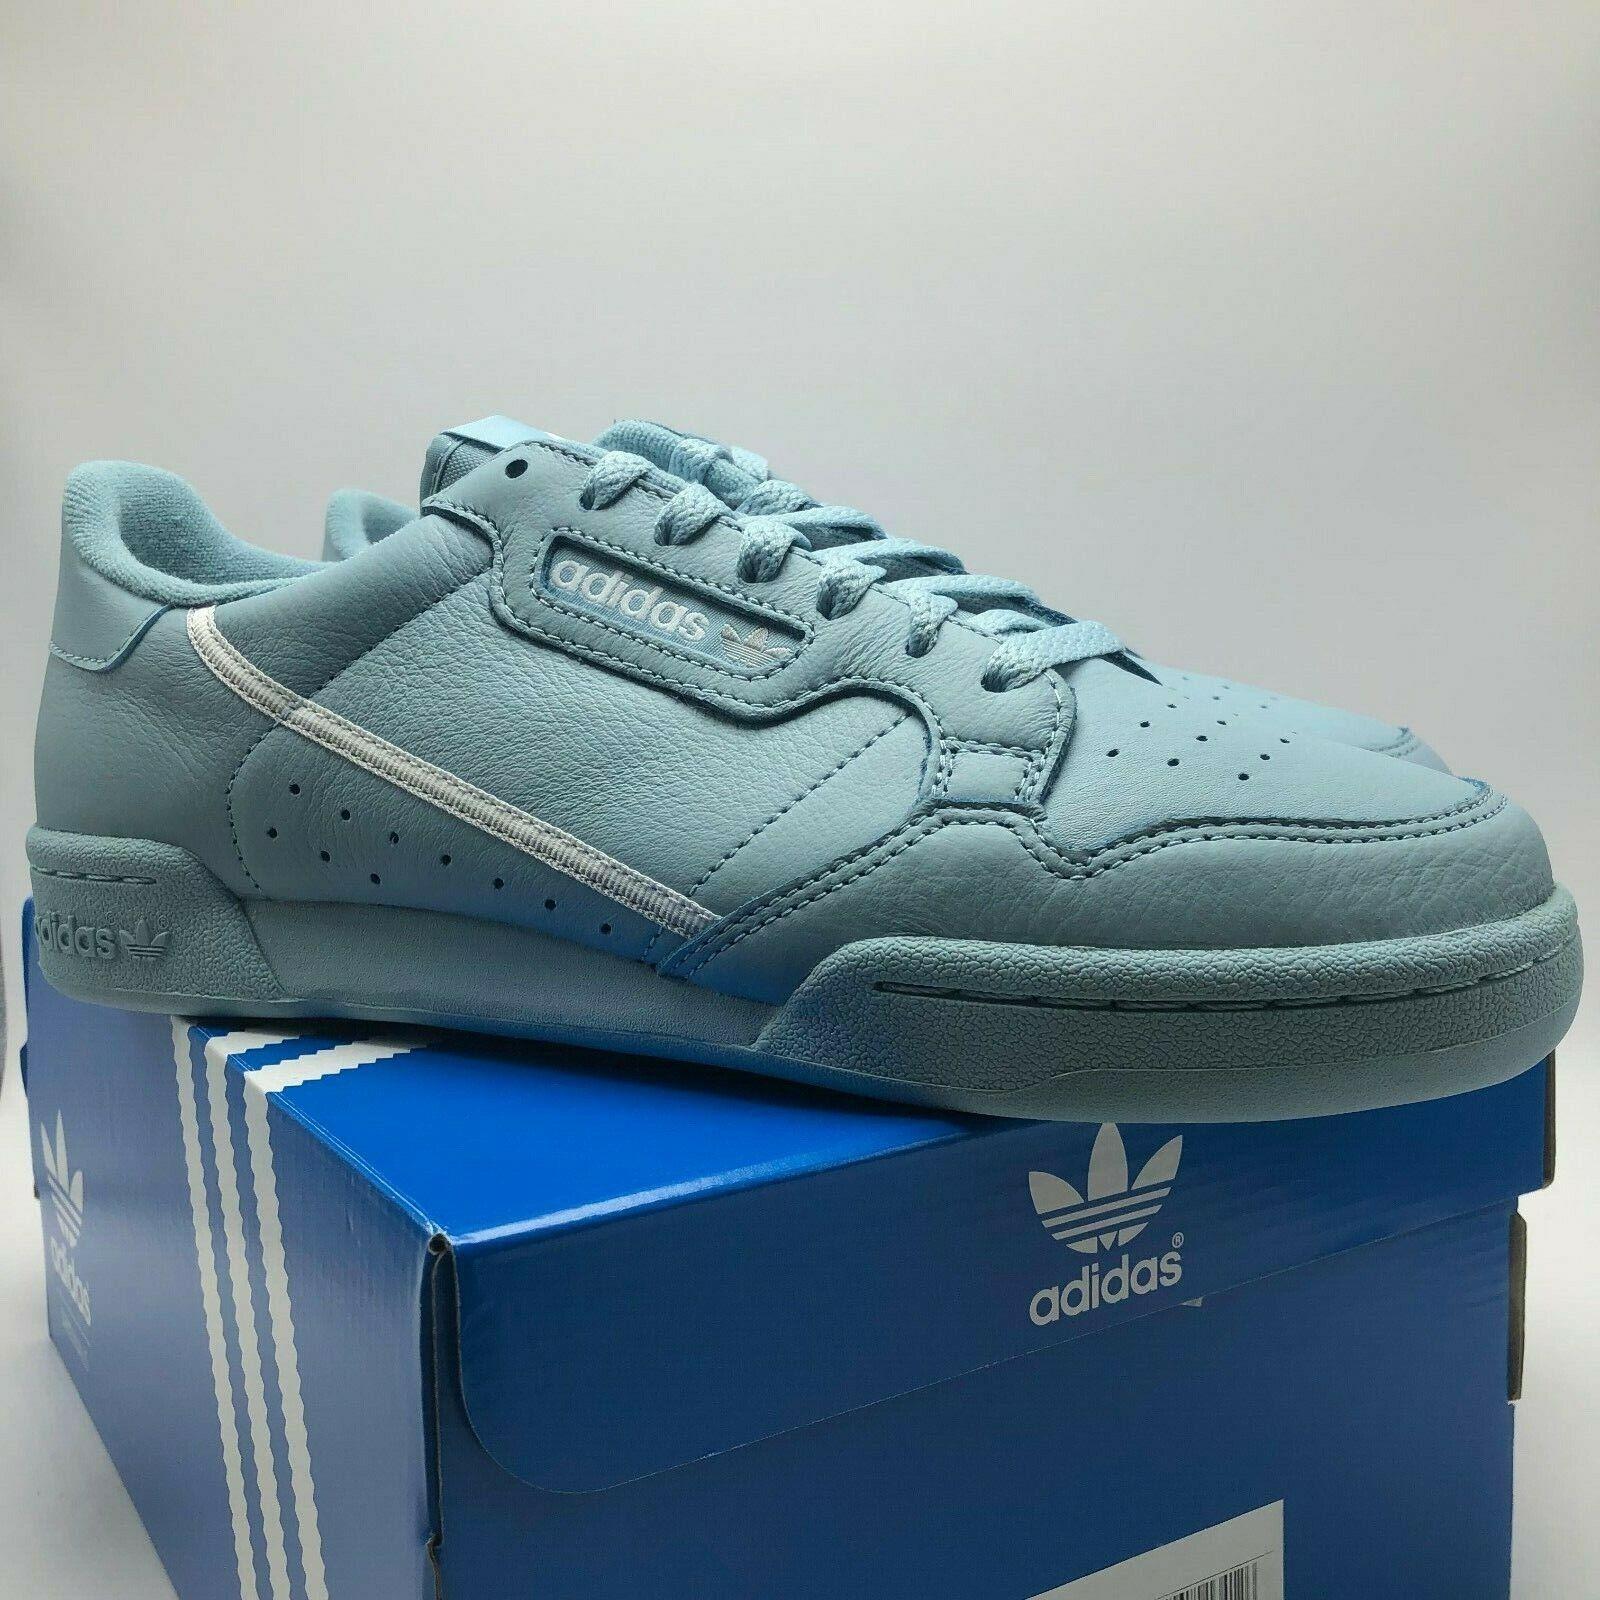 MEN adidas Originals Continental 80 ASH